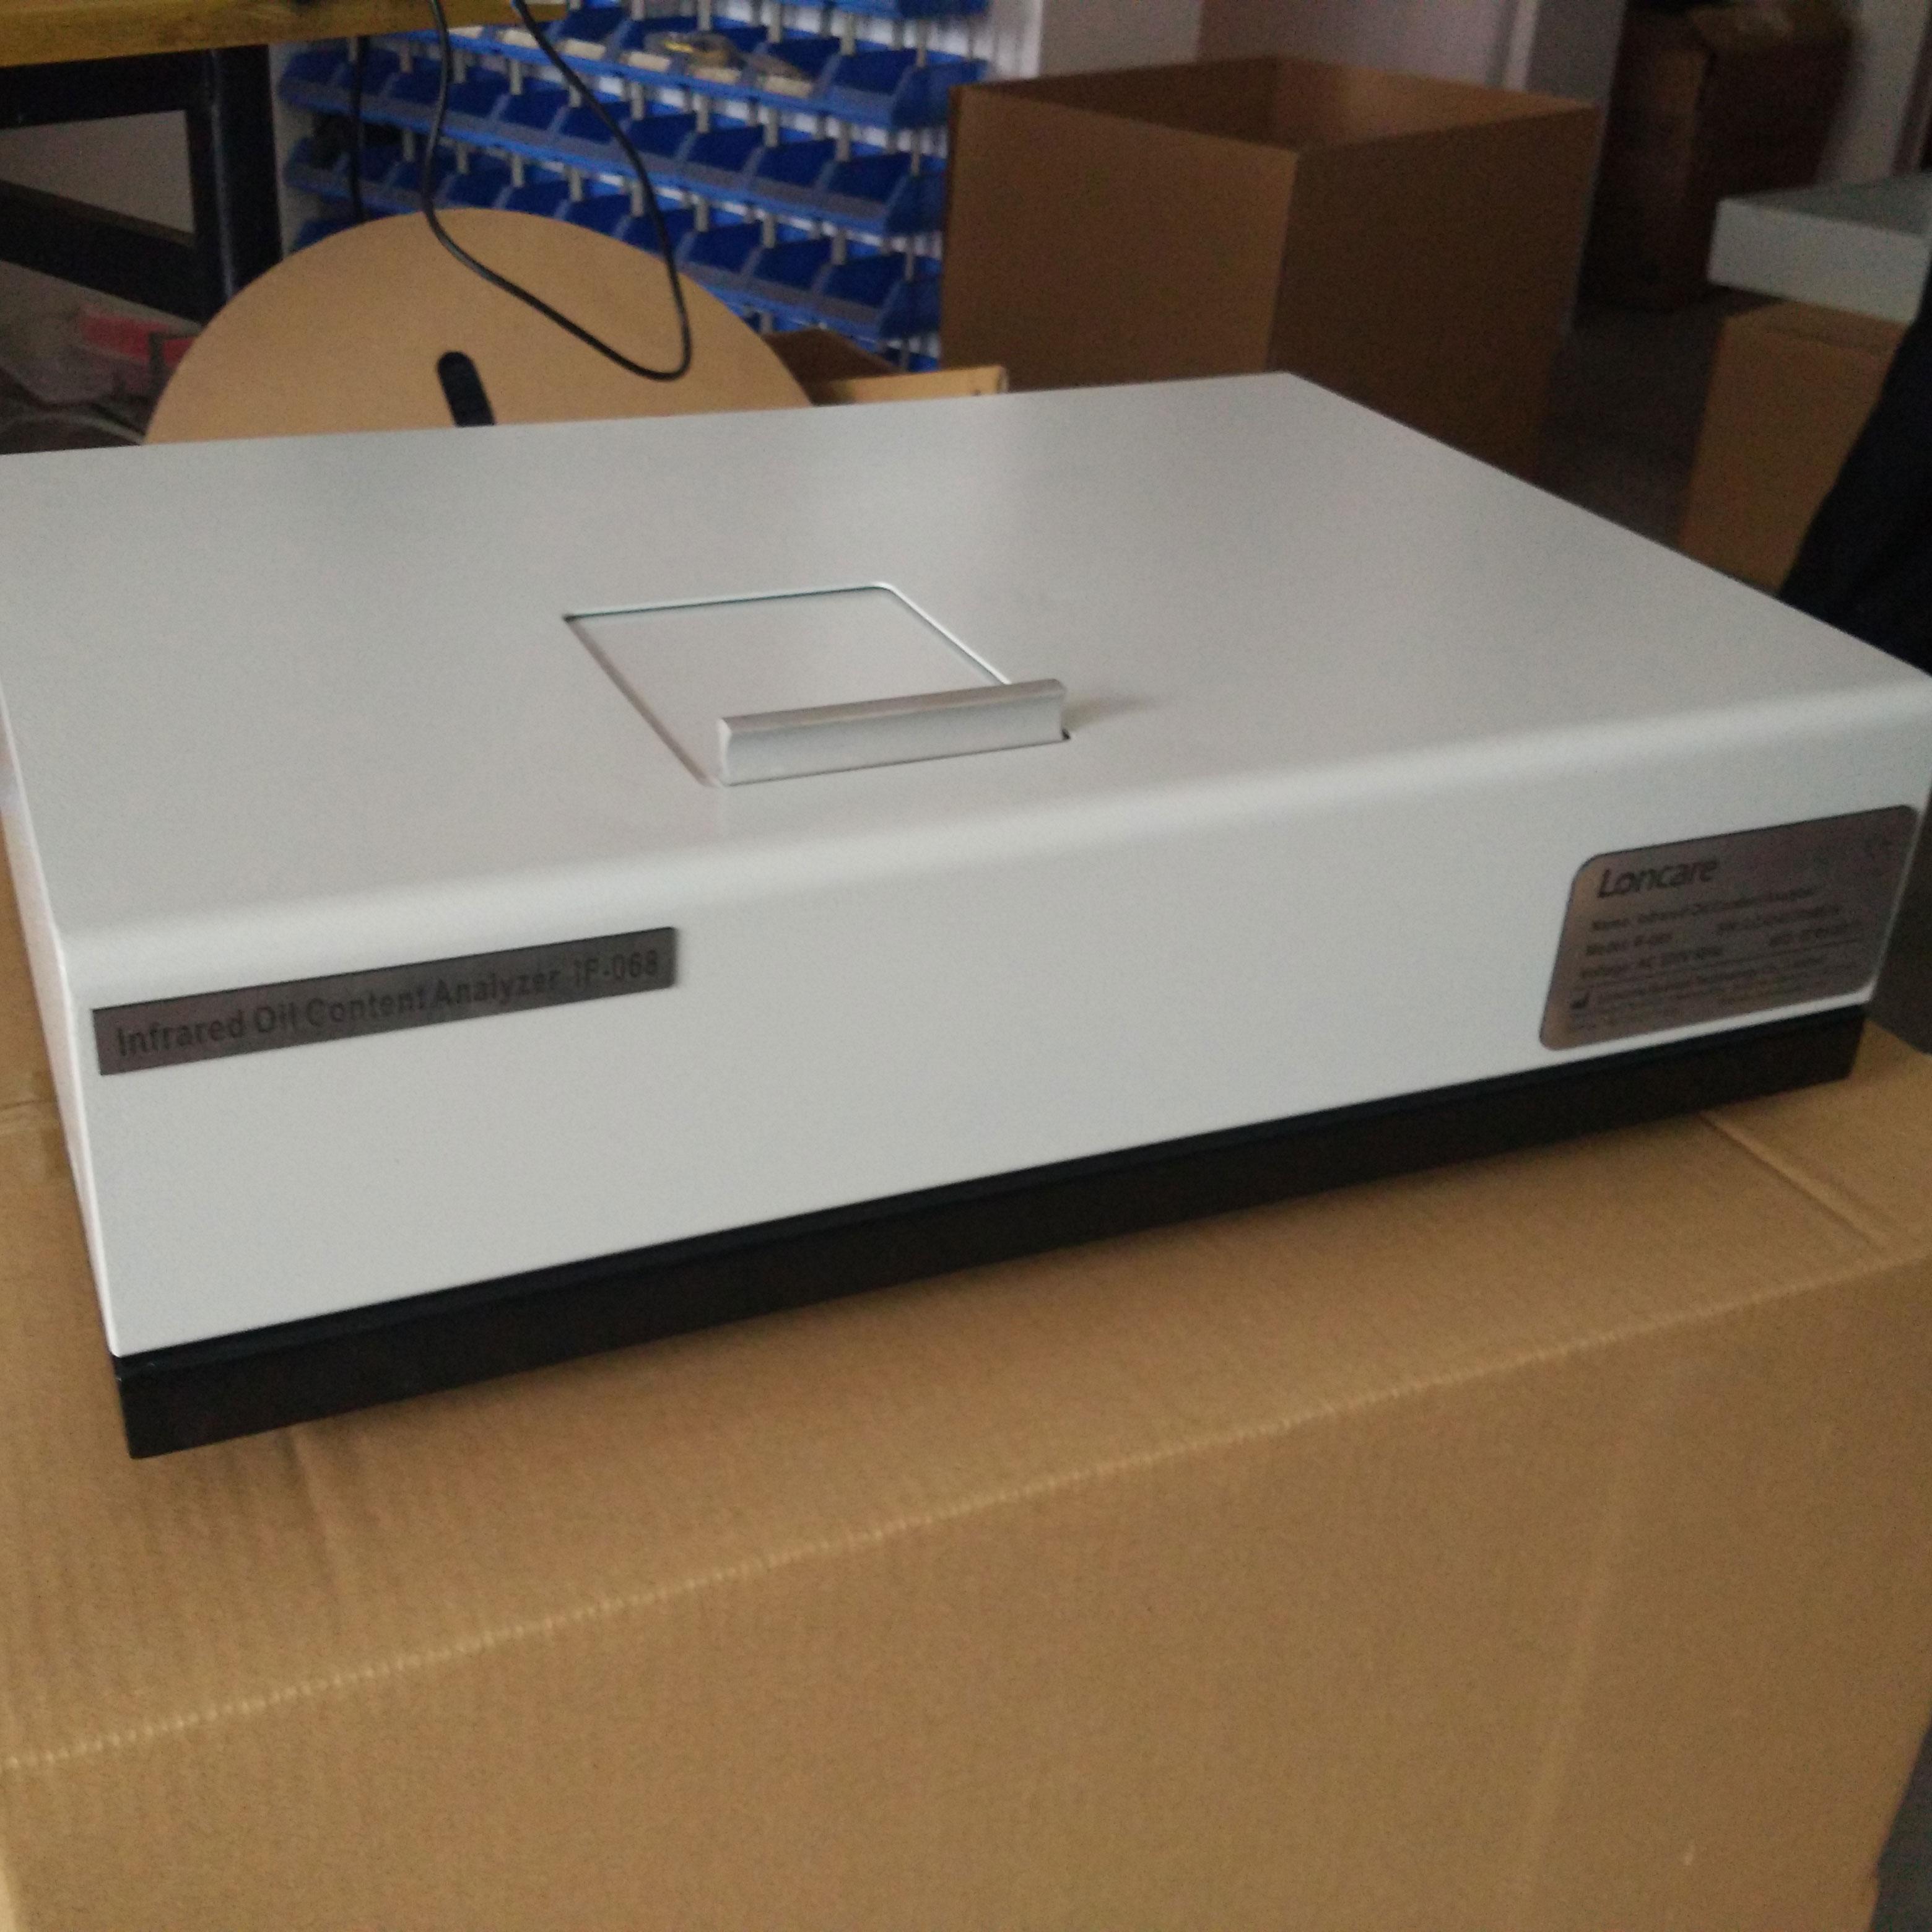 SN-OIL8F高分辨率 红外测油仪/红外分光测油仪 尚德仪器 厂家直销